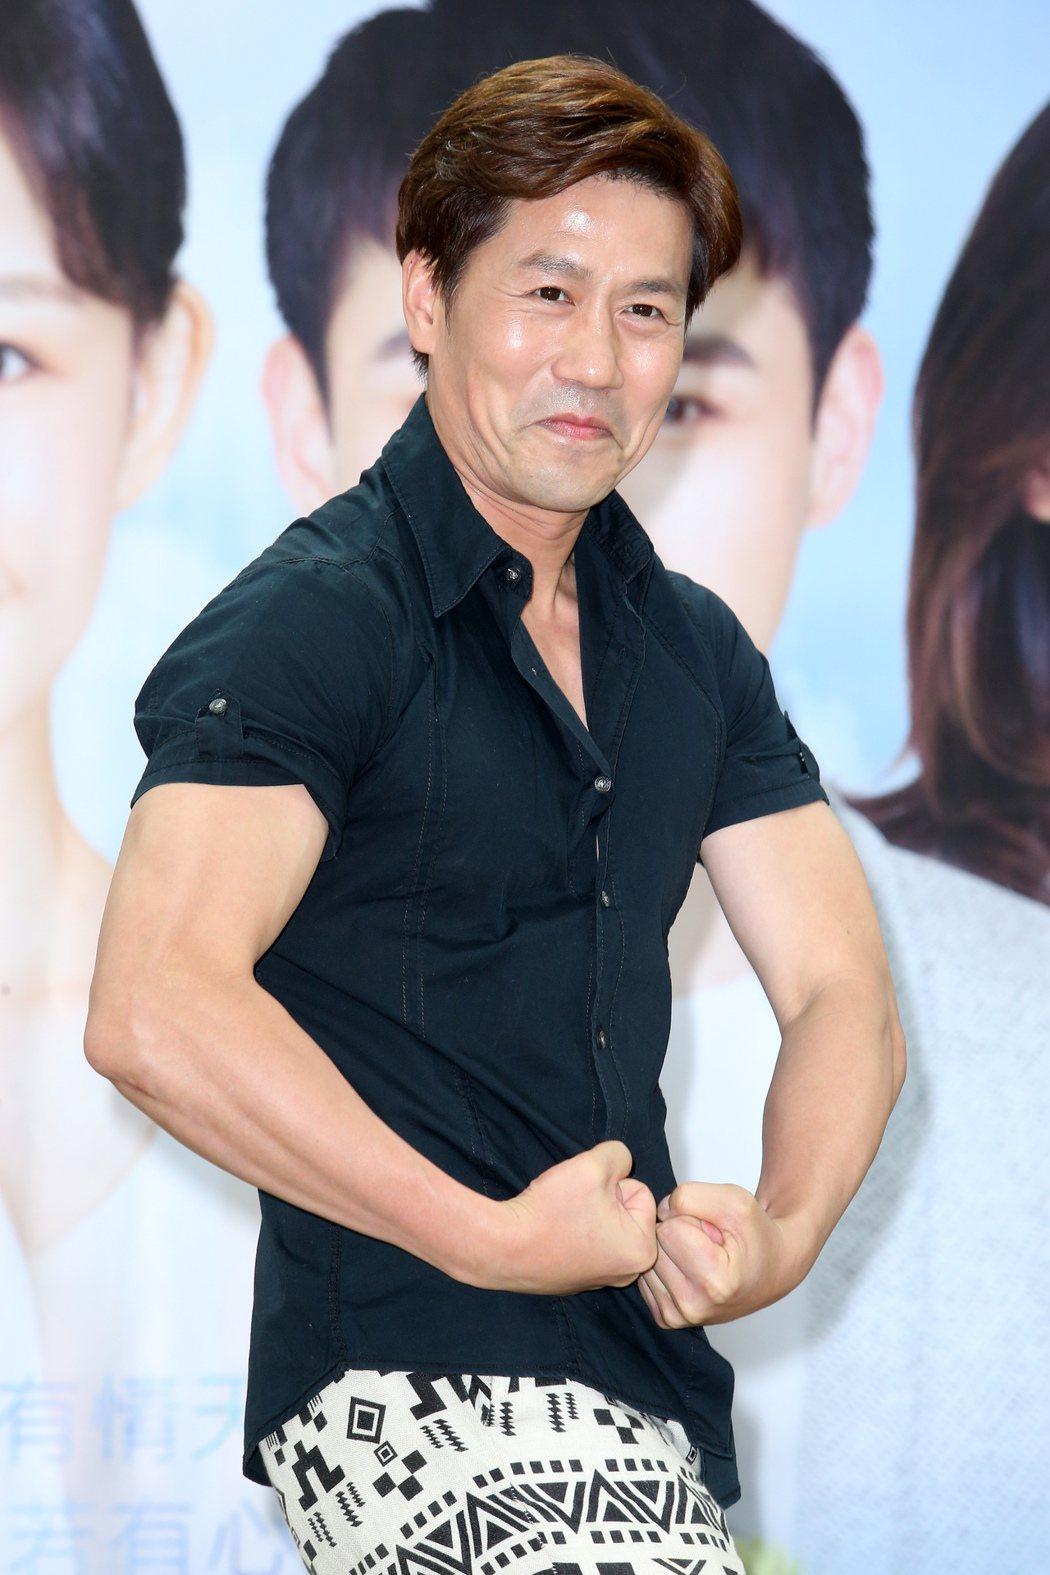 51歲的羅時豐,健身有成。 圖/陳立凱 攝影